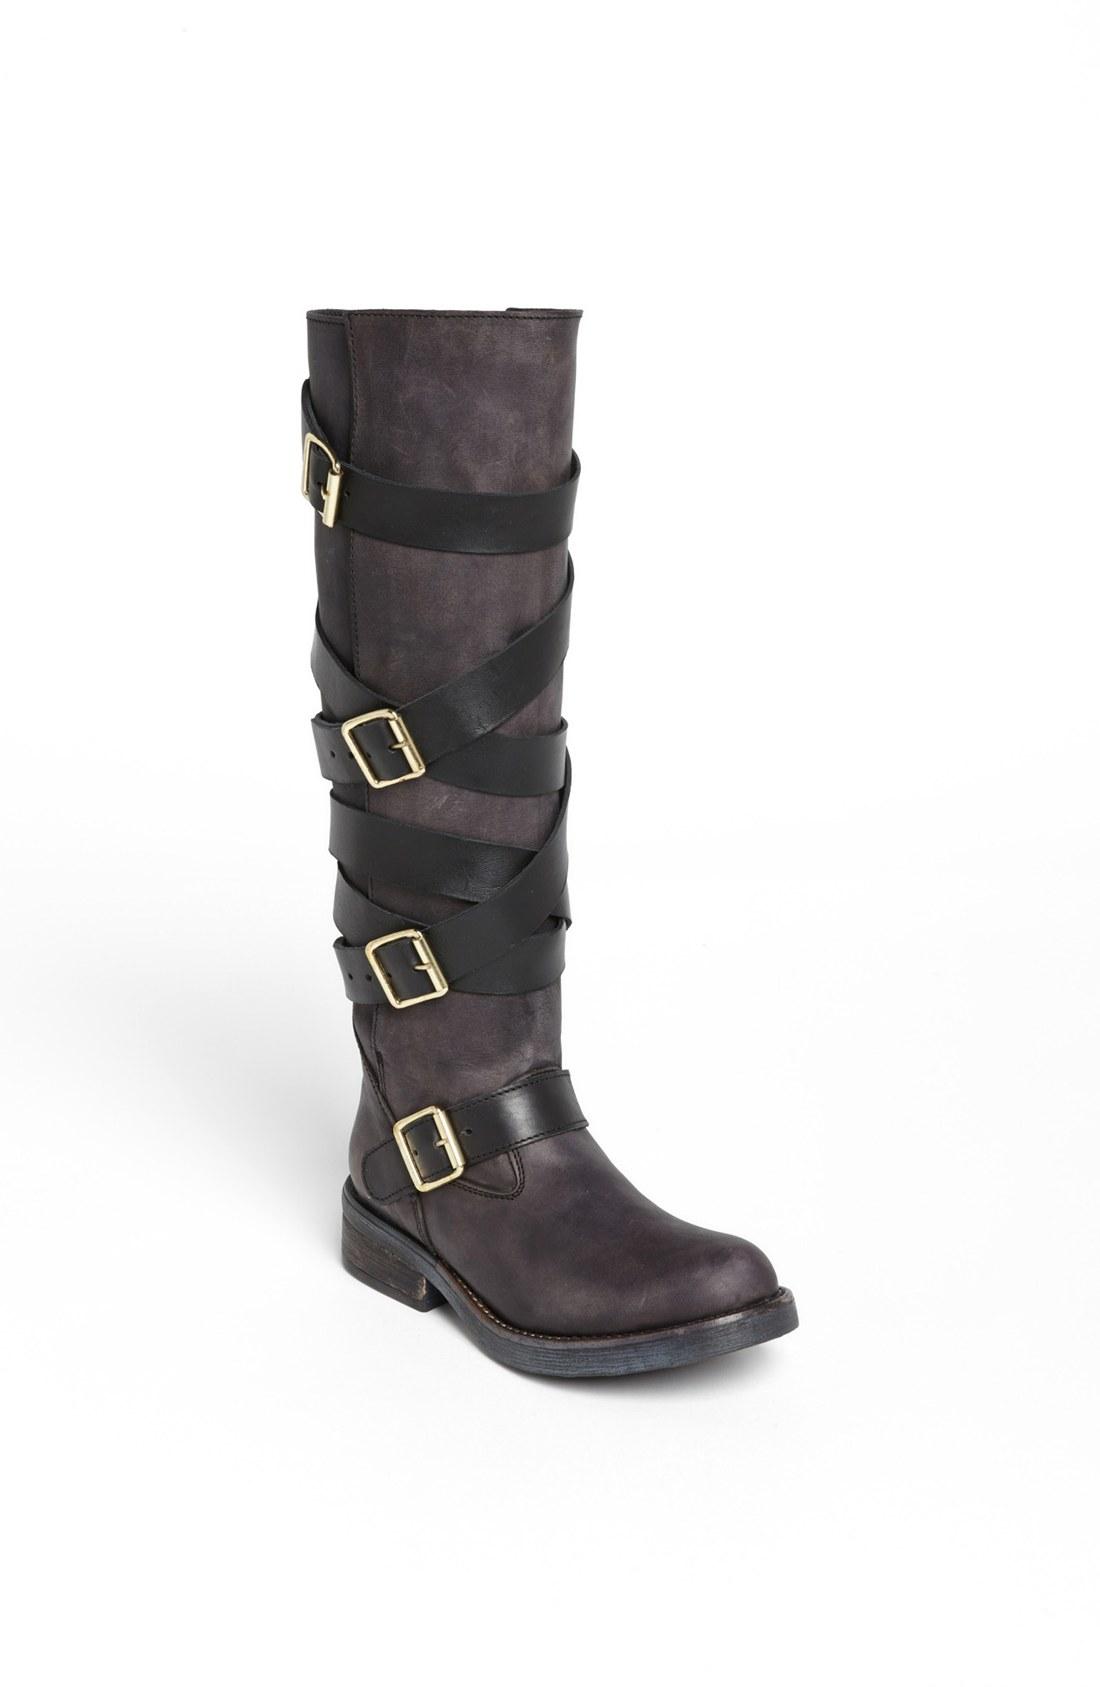 steve madden bryant belted riding boot in black black. Black Bedroom Furniture Sets. Home Design Ideas